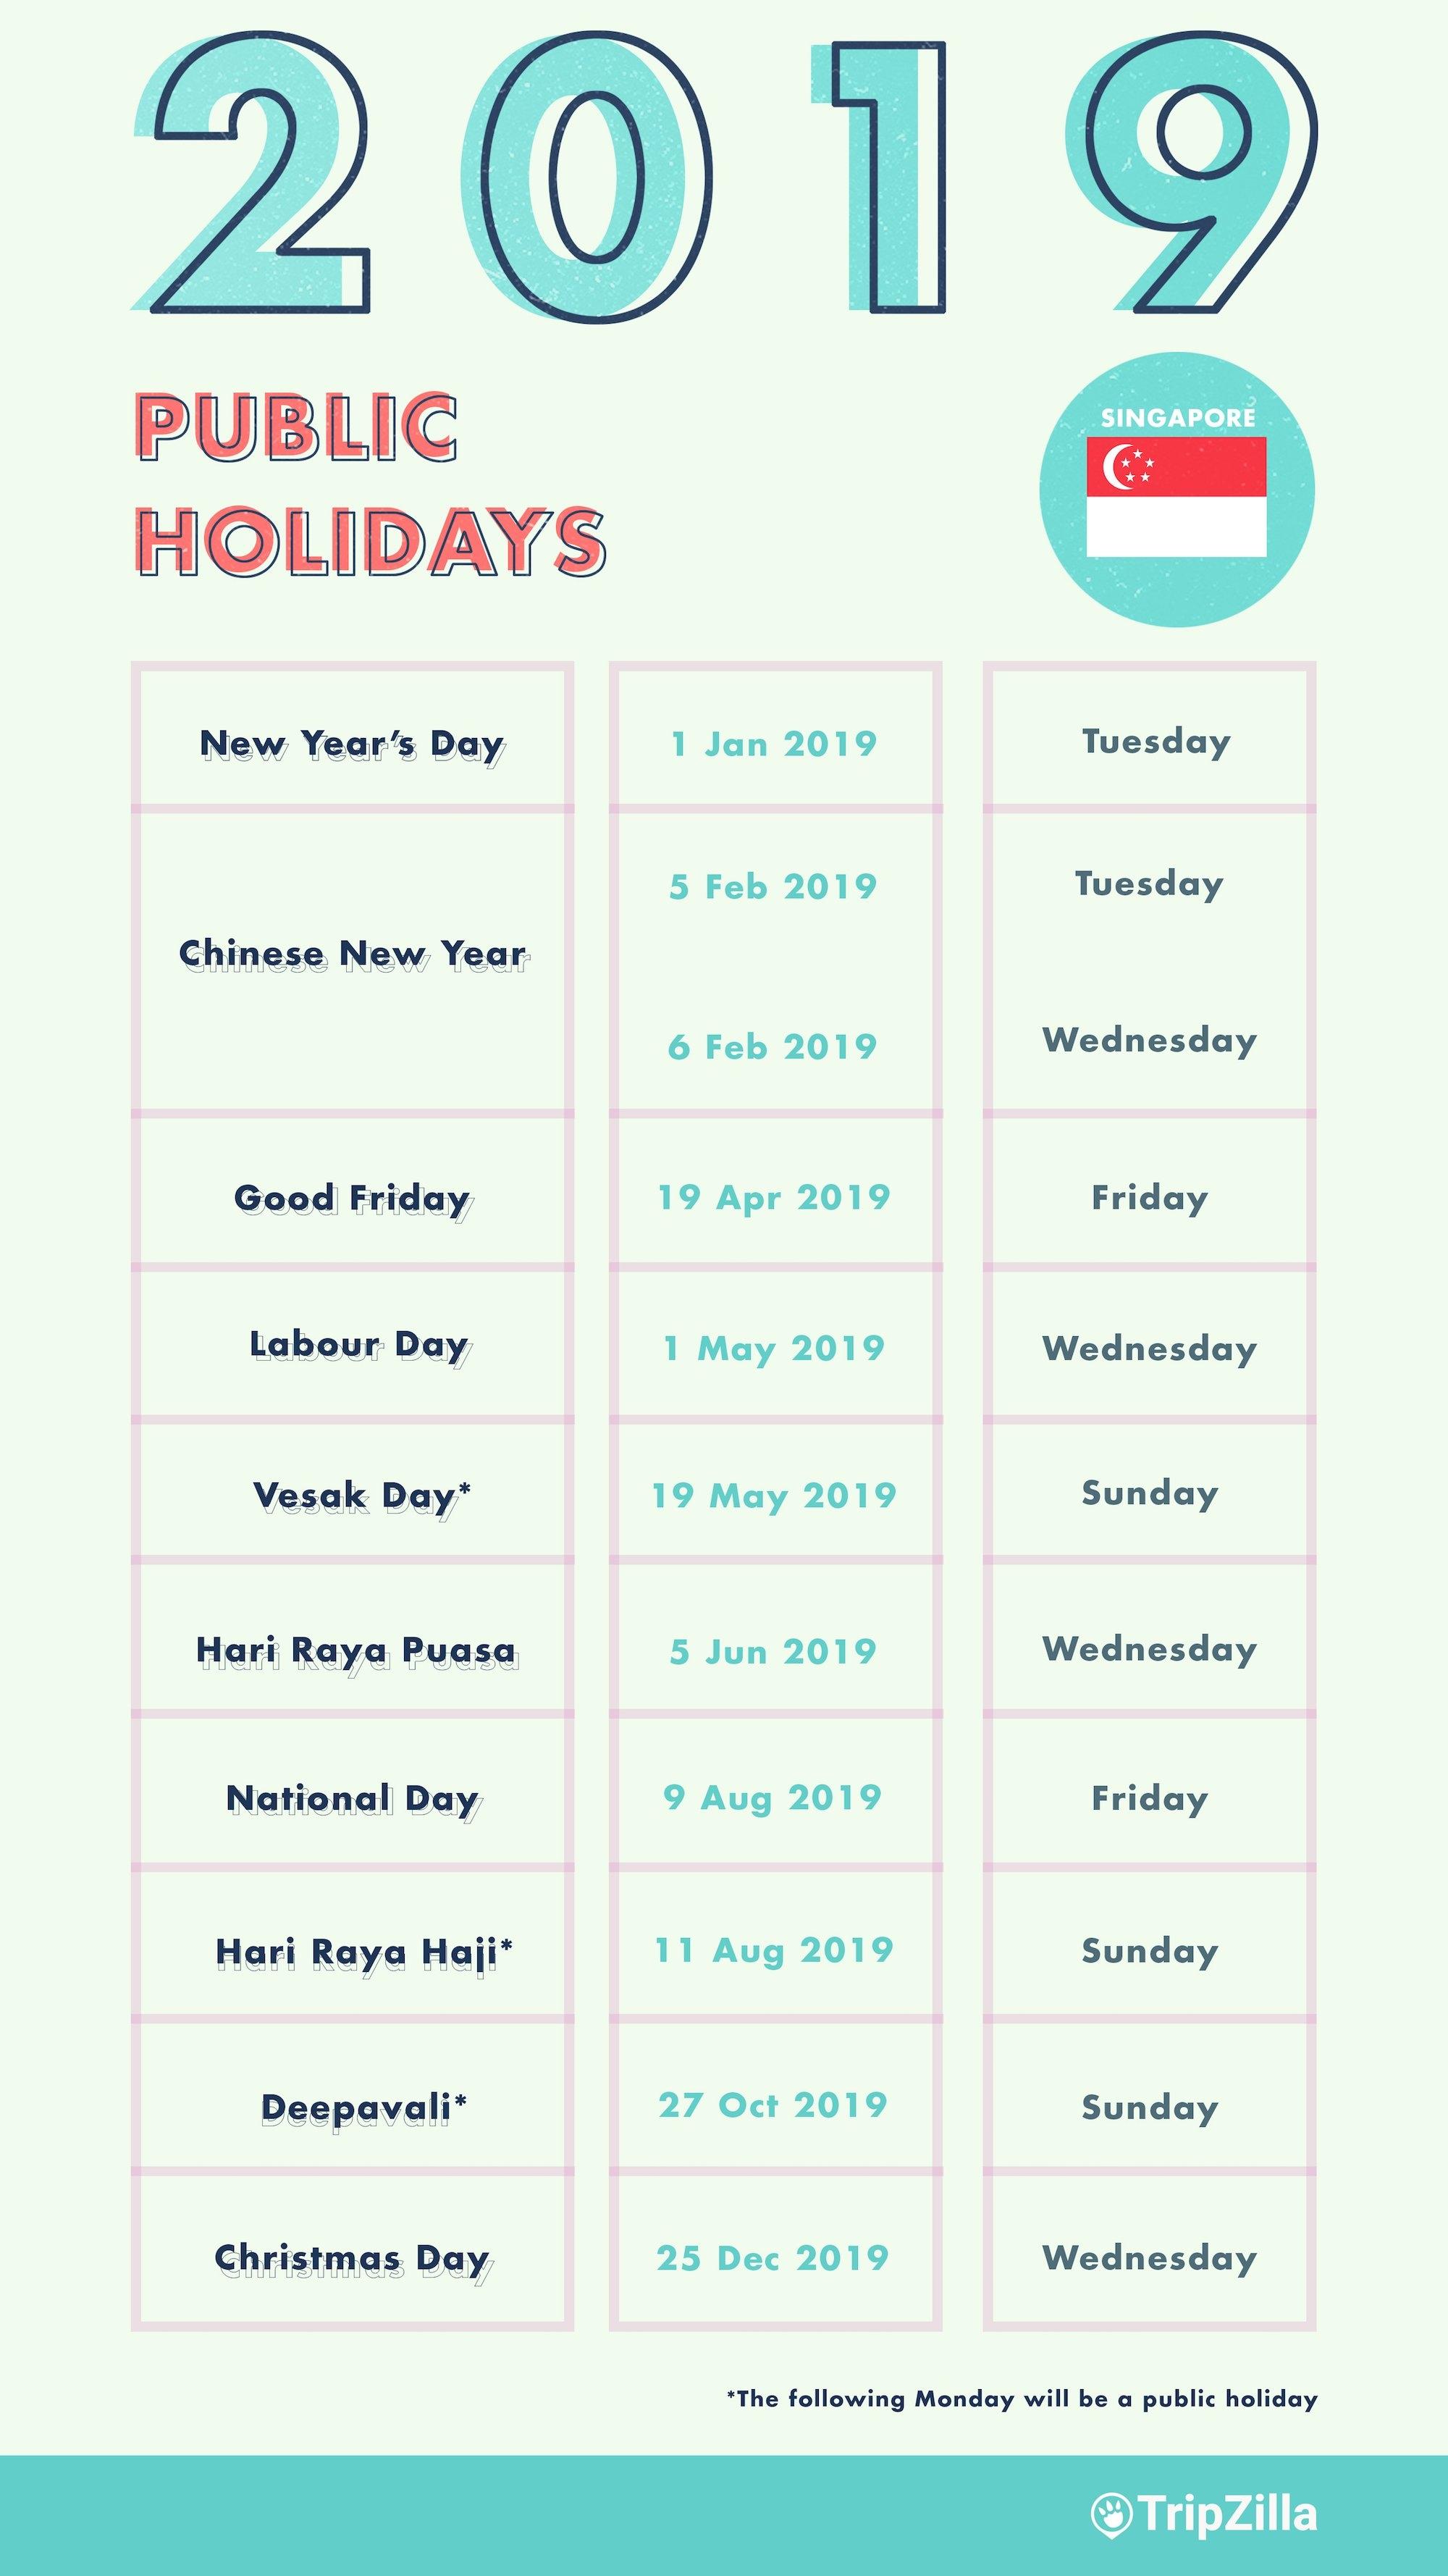 6 Long Weekends In Singapore In 2019 (Bonus Calendar & Cheatsheet) Calendar 2019 Of Holidays